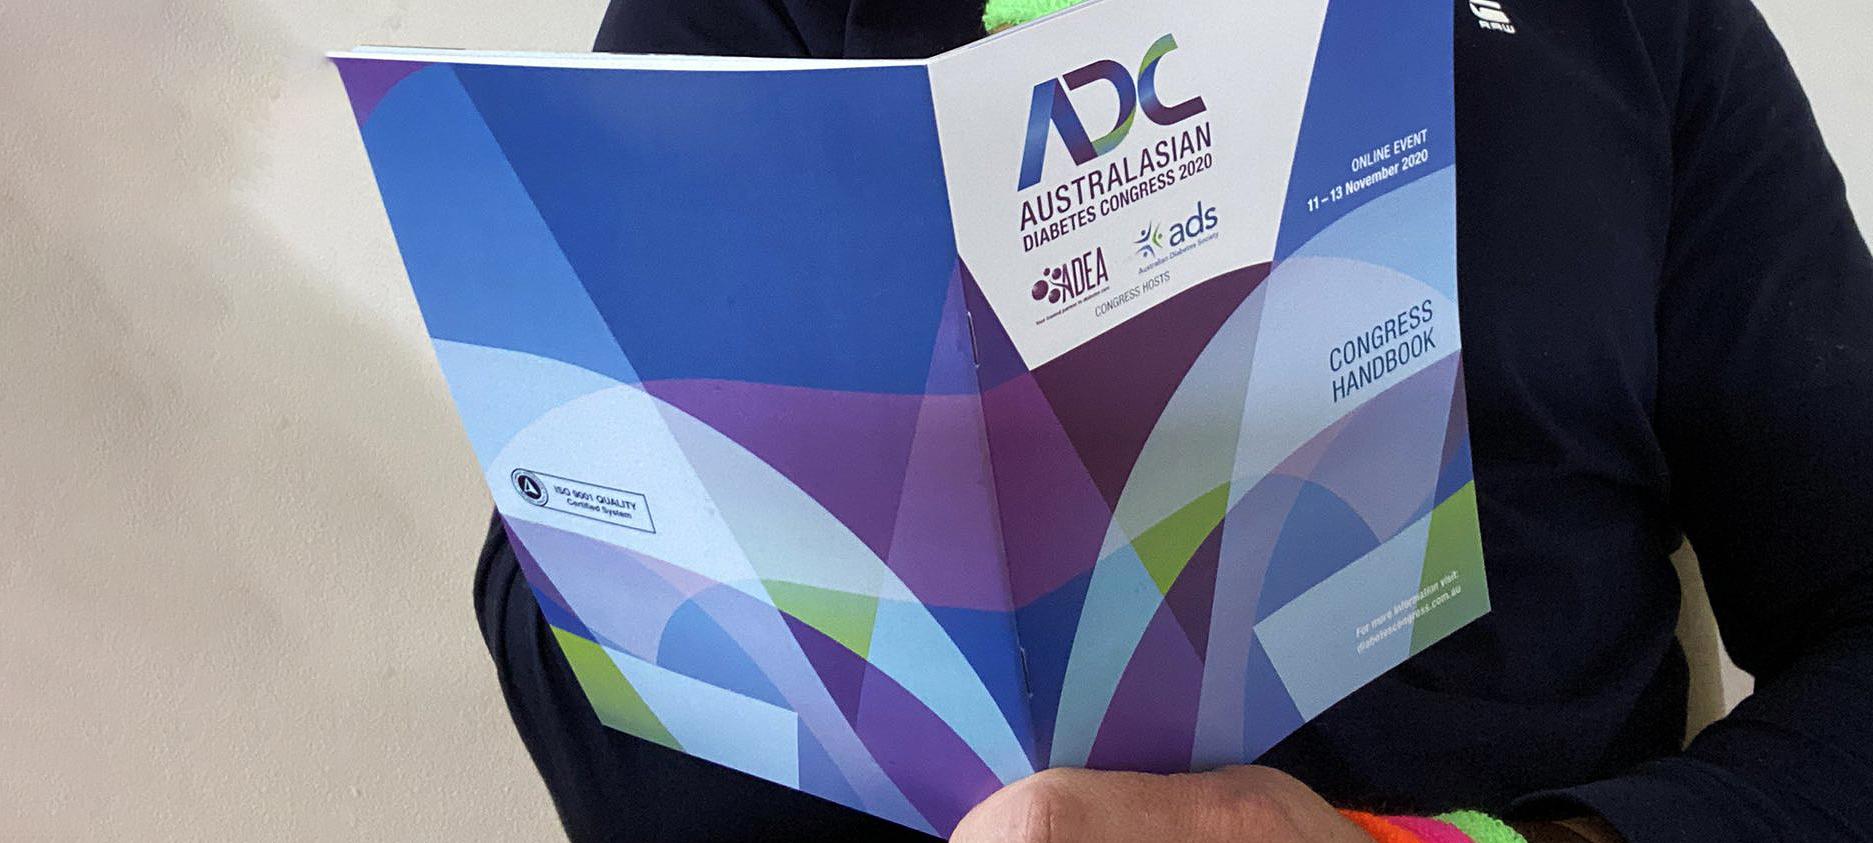 ACBRD at the virtual Australasian Diabetes Congress (ADC)